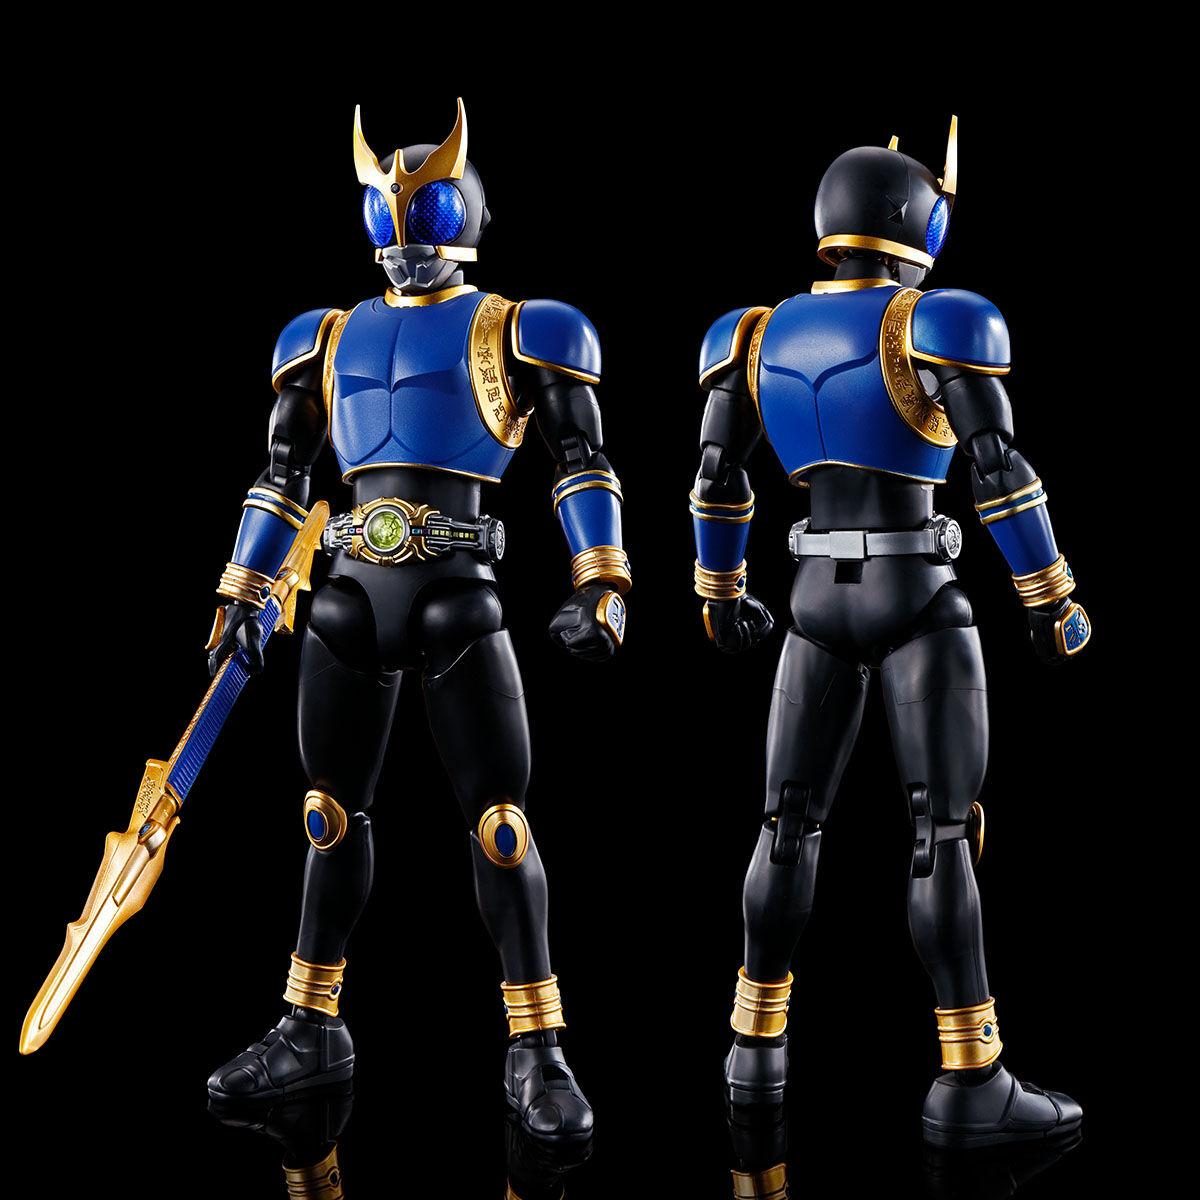 【限定販売】Figure-rise Standard『仮面ライダークウガ ドラゴンフォーム/ライジングドラゴン』プラモデル-003